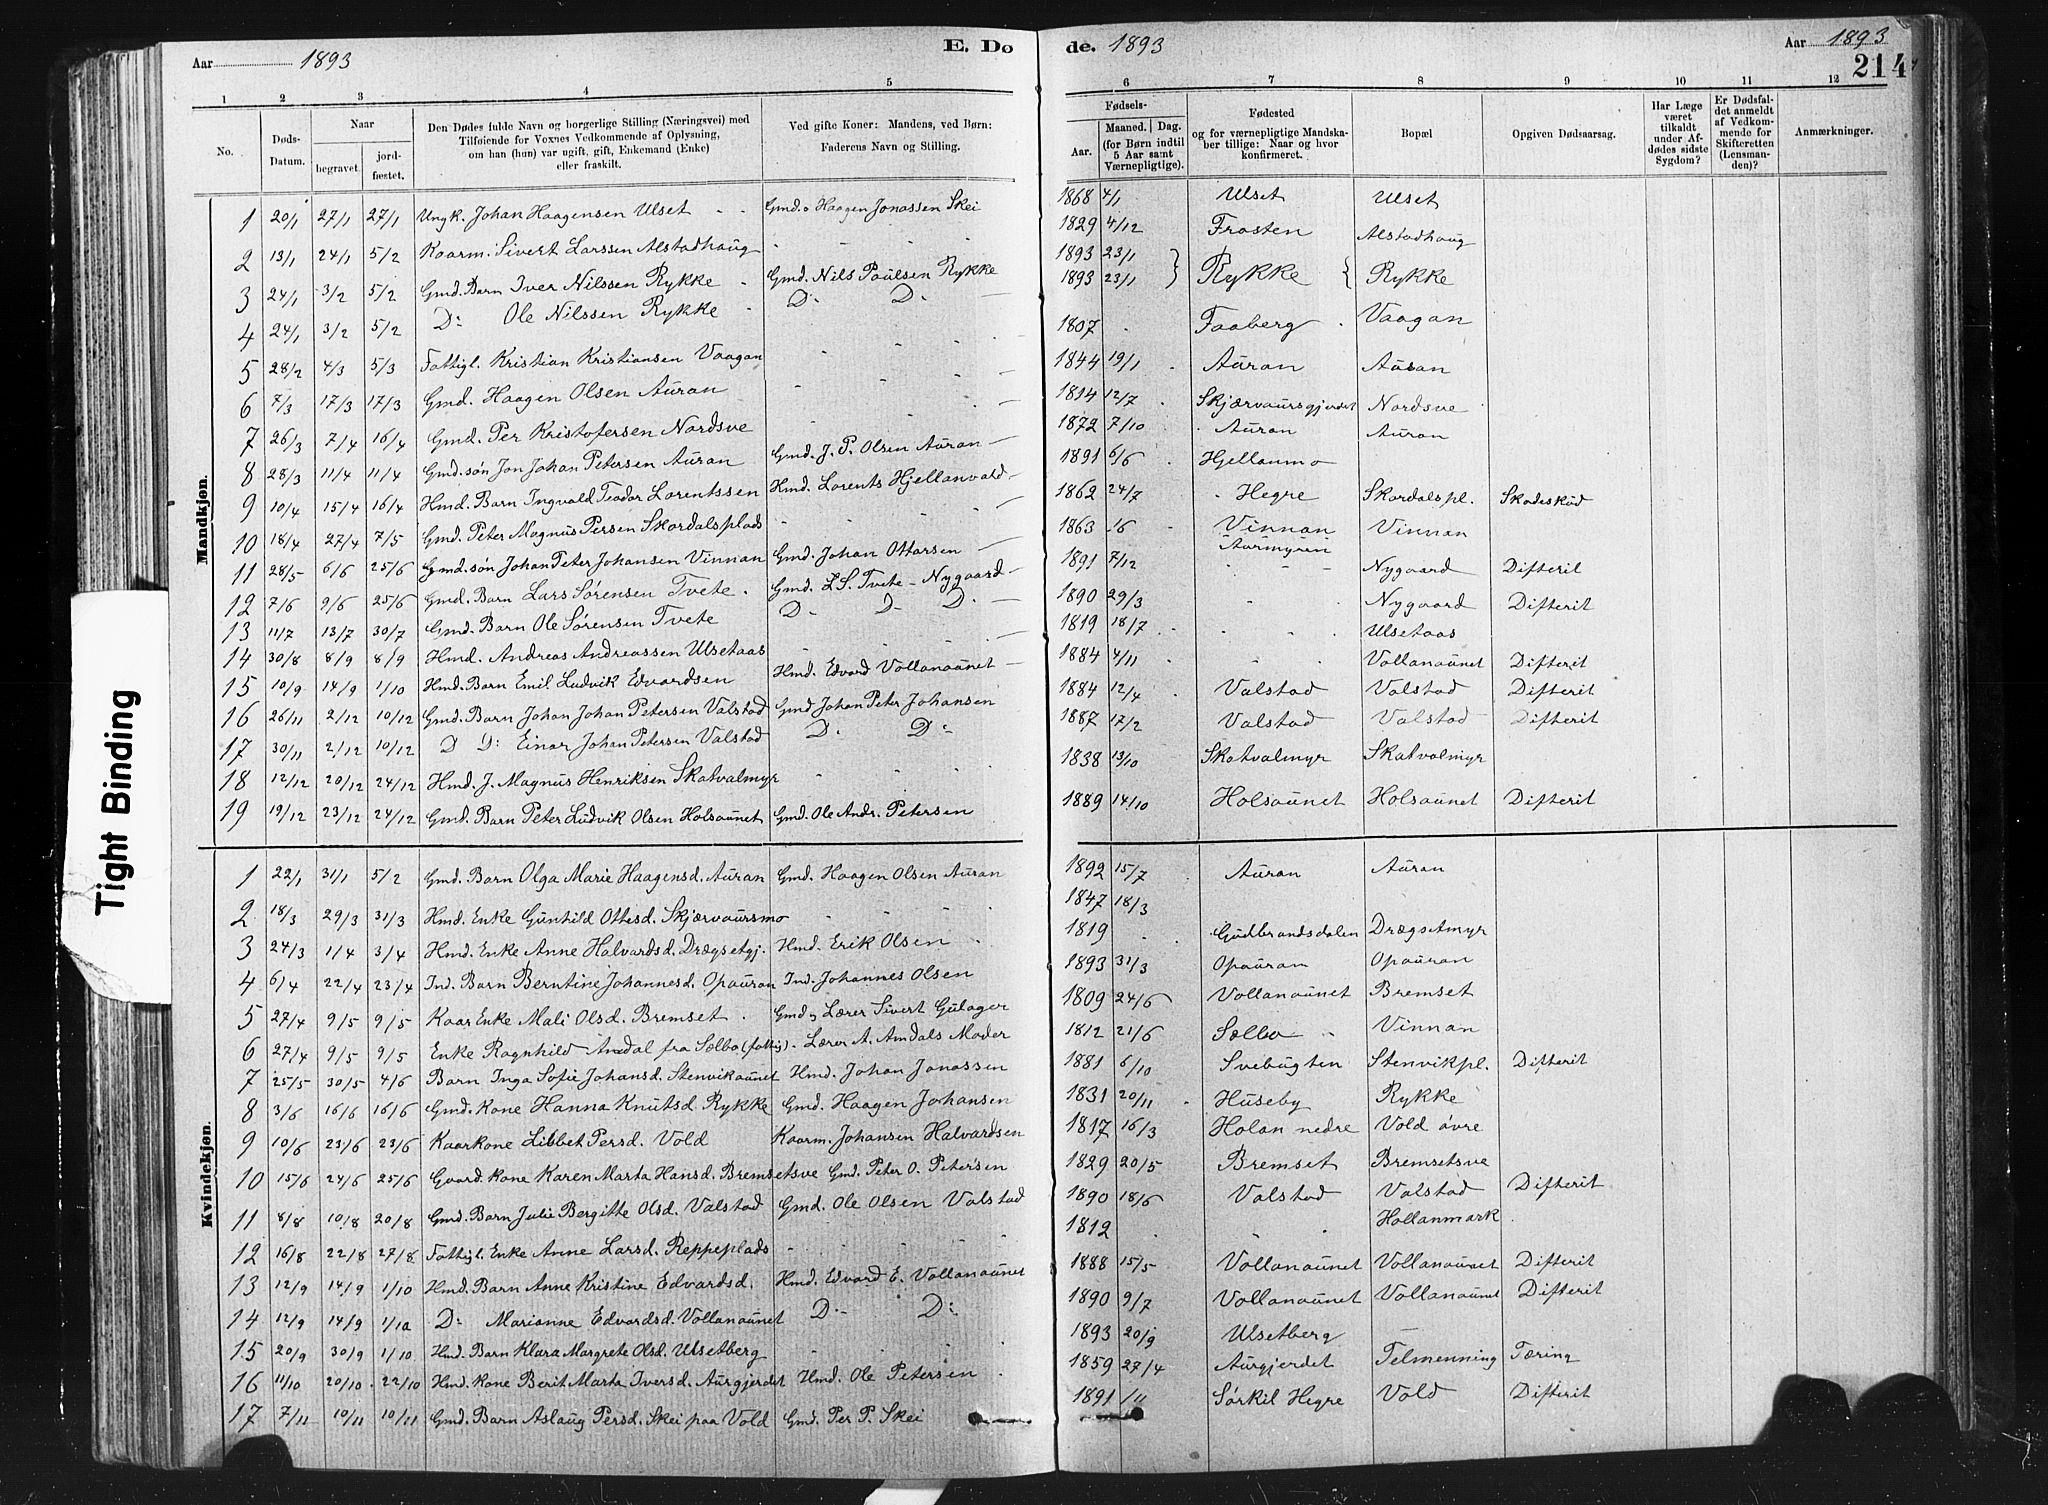 SAT, Ministerialprotokoller, klokkerbøker og fødselsregistre - Nord-Trøndelag, 712/L0103: Klokkerbok nr. 712C01, 1878-1917, s. 214